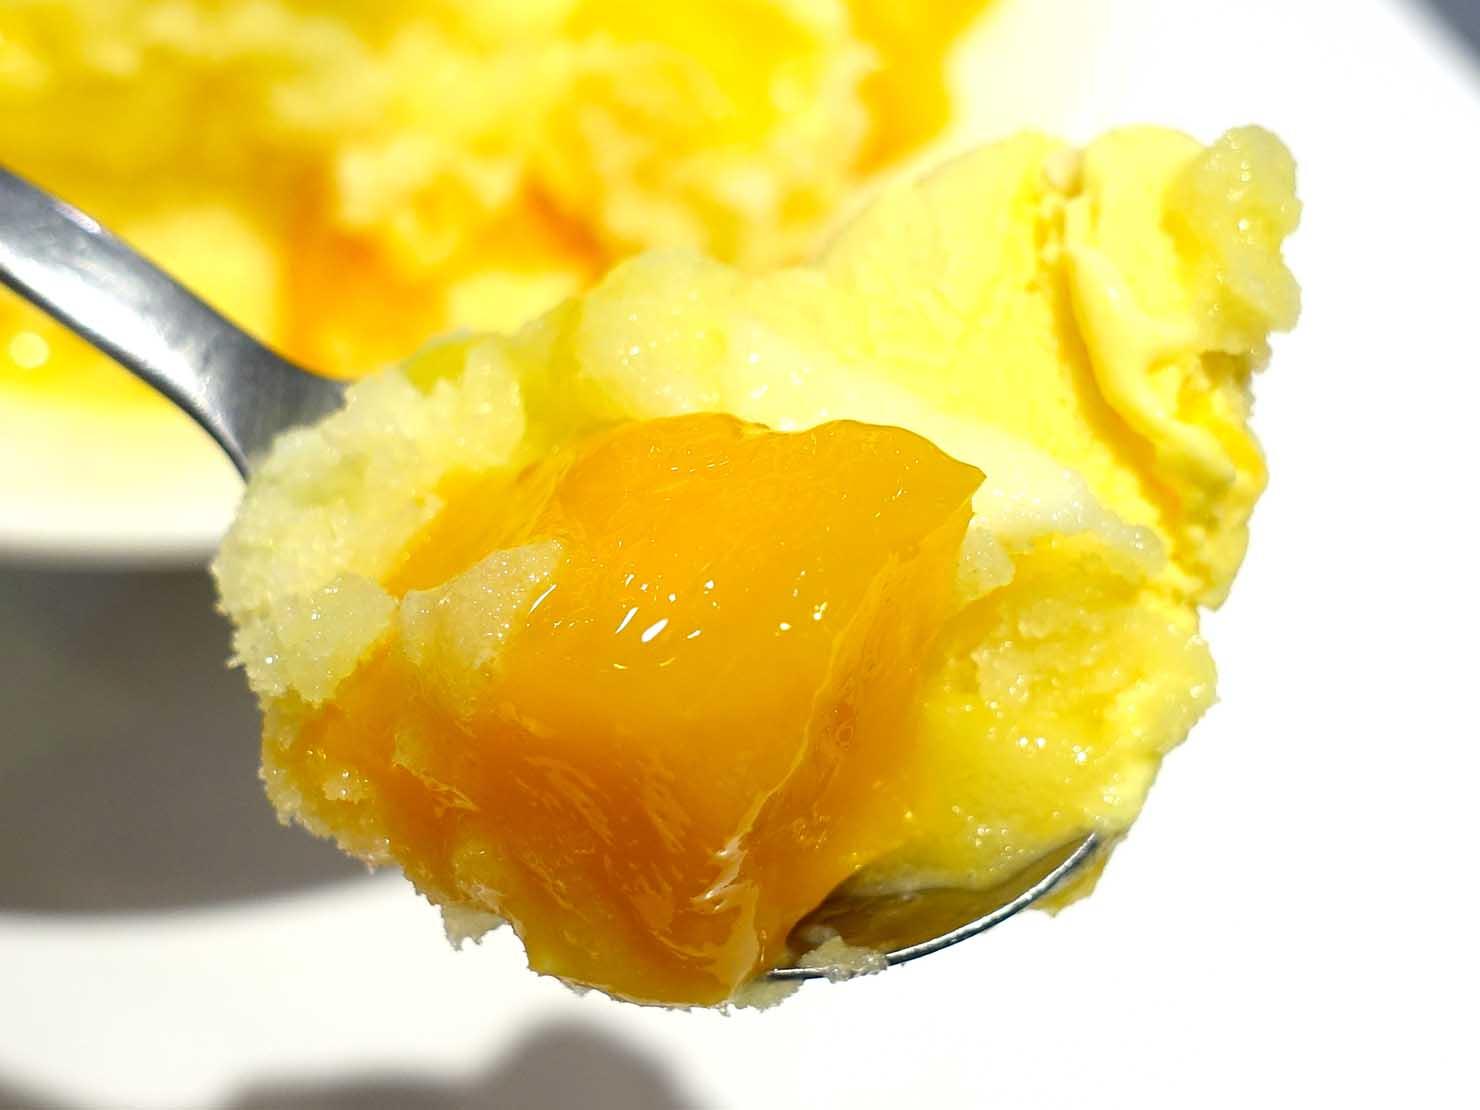 台北・西門町のおすすめひんやりスイーツ店「西門町芒果冰」のマンゴーかき氷・愛相隨クローズアップ